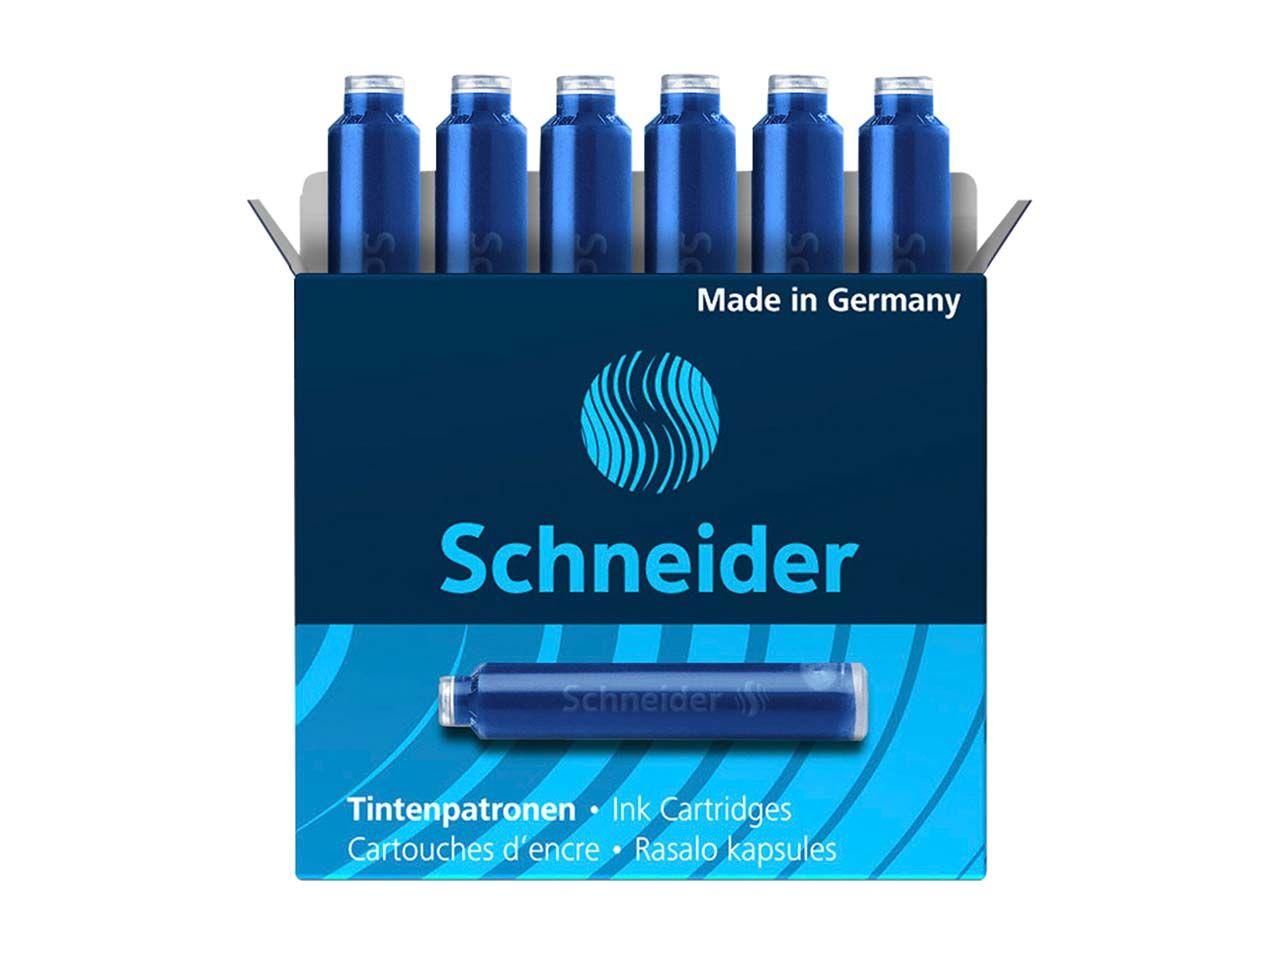 6 Schneider Tintenpatronen 6603 für Füller, blau 50-6603